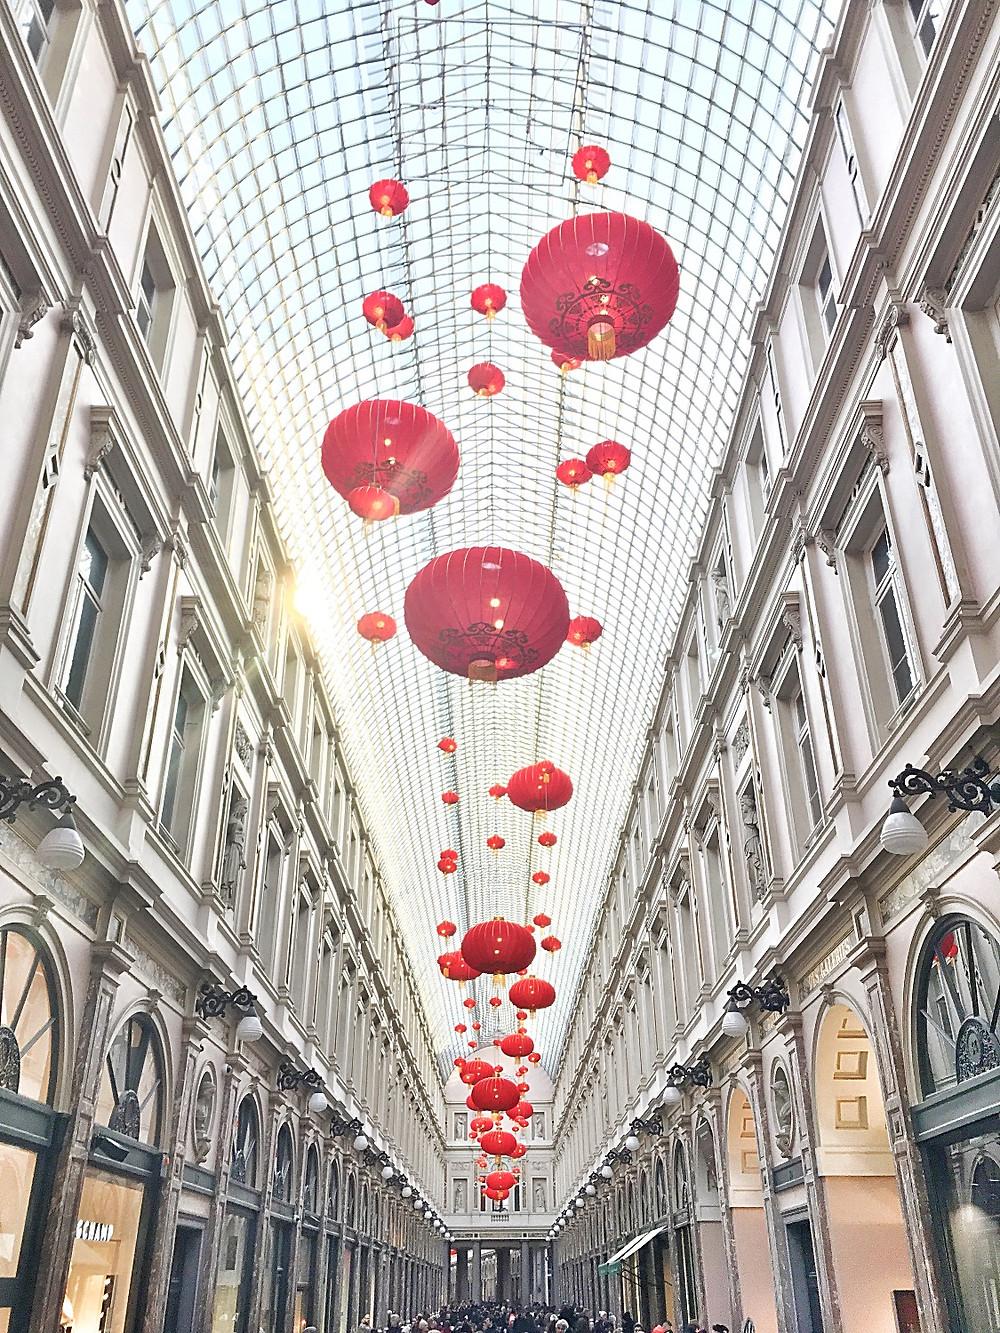 Les Galeries Royales Saint-Hubert in Brussels